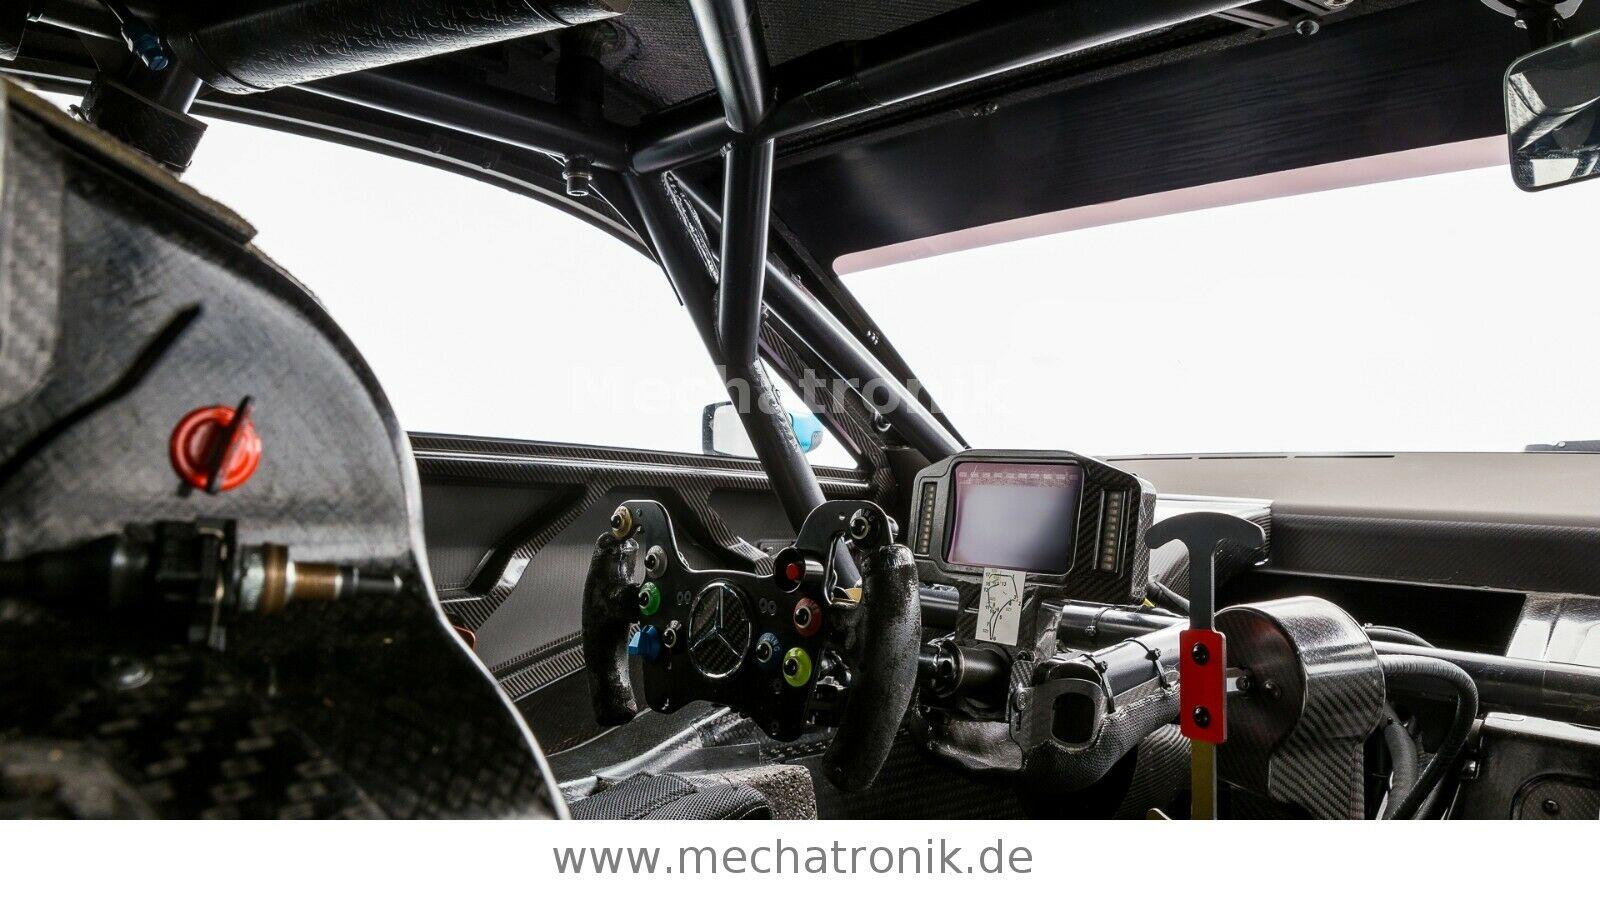 Mercedes-AMG C63 DTM cabin